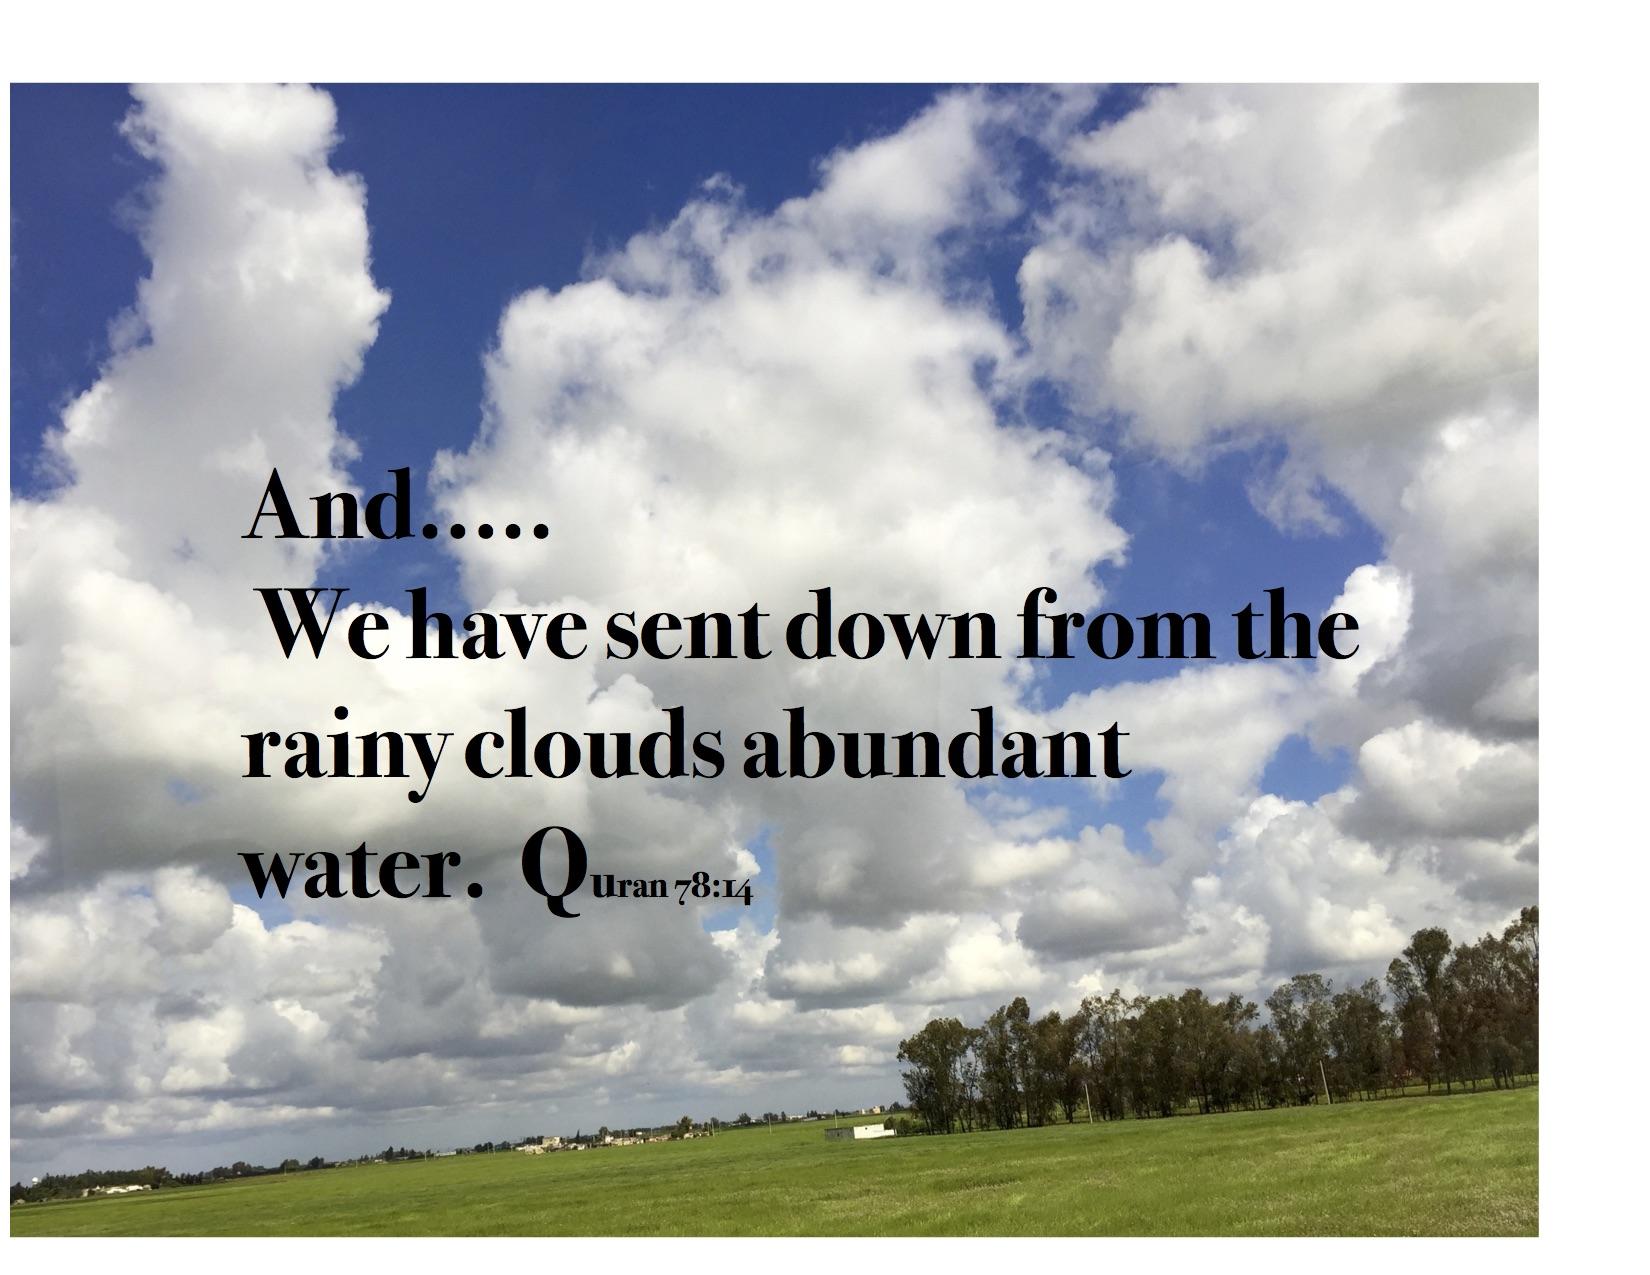 CLOUDS BRING THE RAIN AS A BLESSING: Quran 78:14 | Siraat-e-Mustaqeem